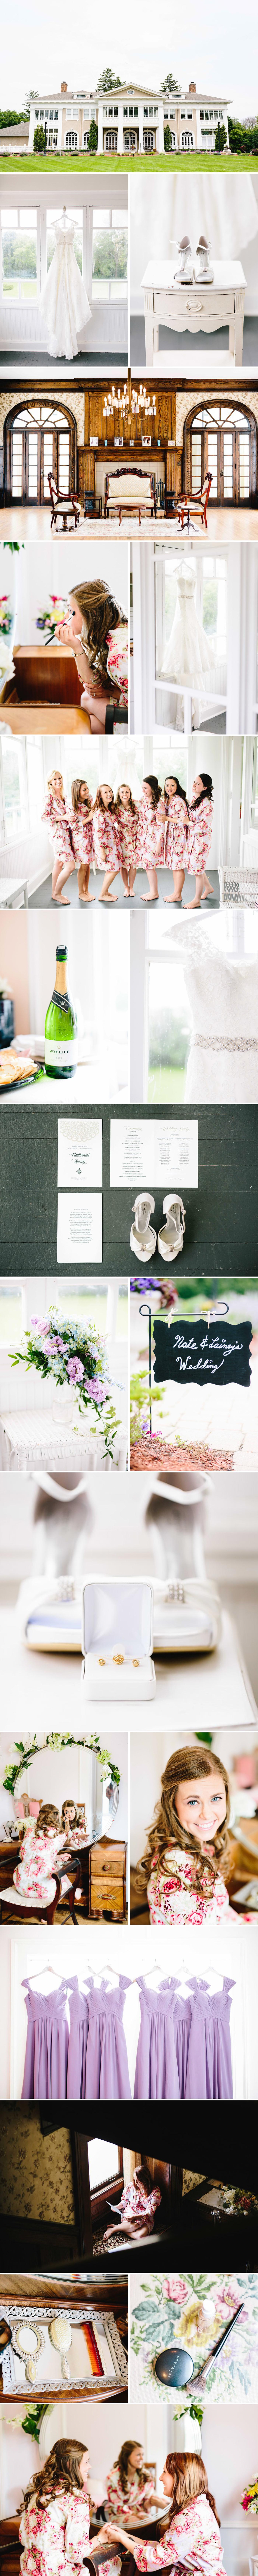 chicago-fine-art-wedding-photography-bristow1